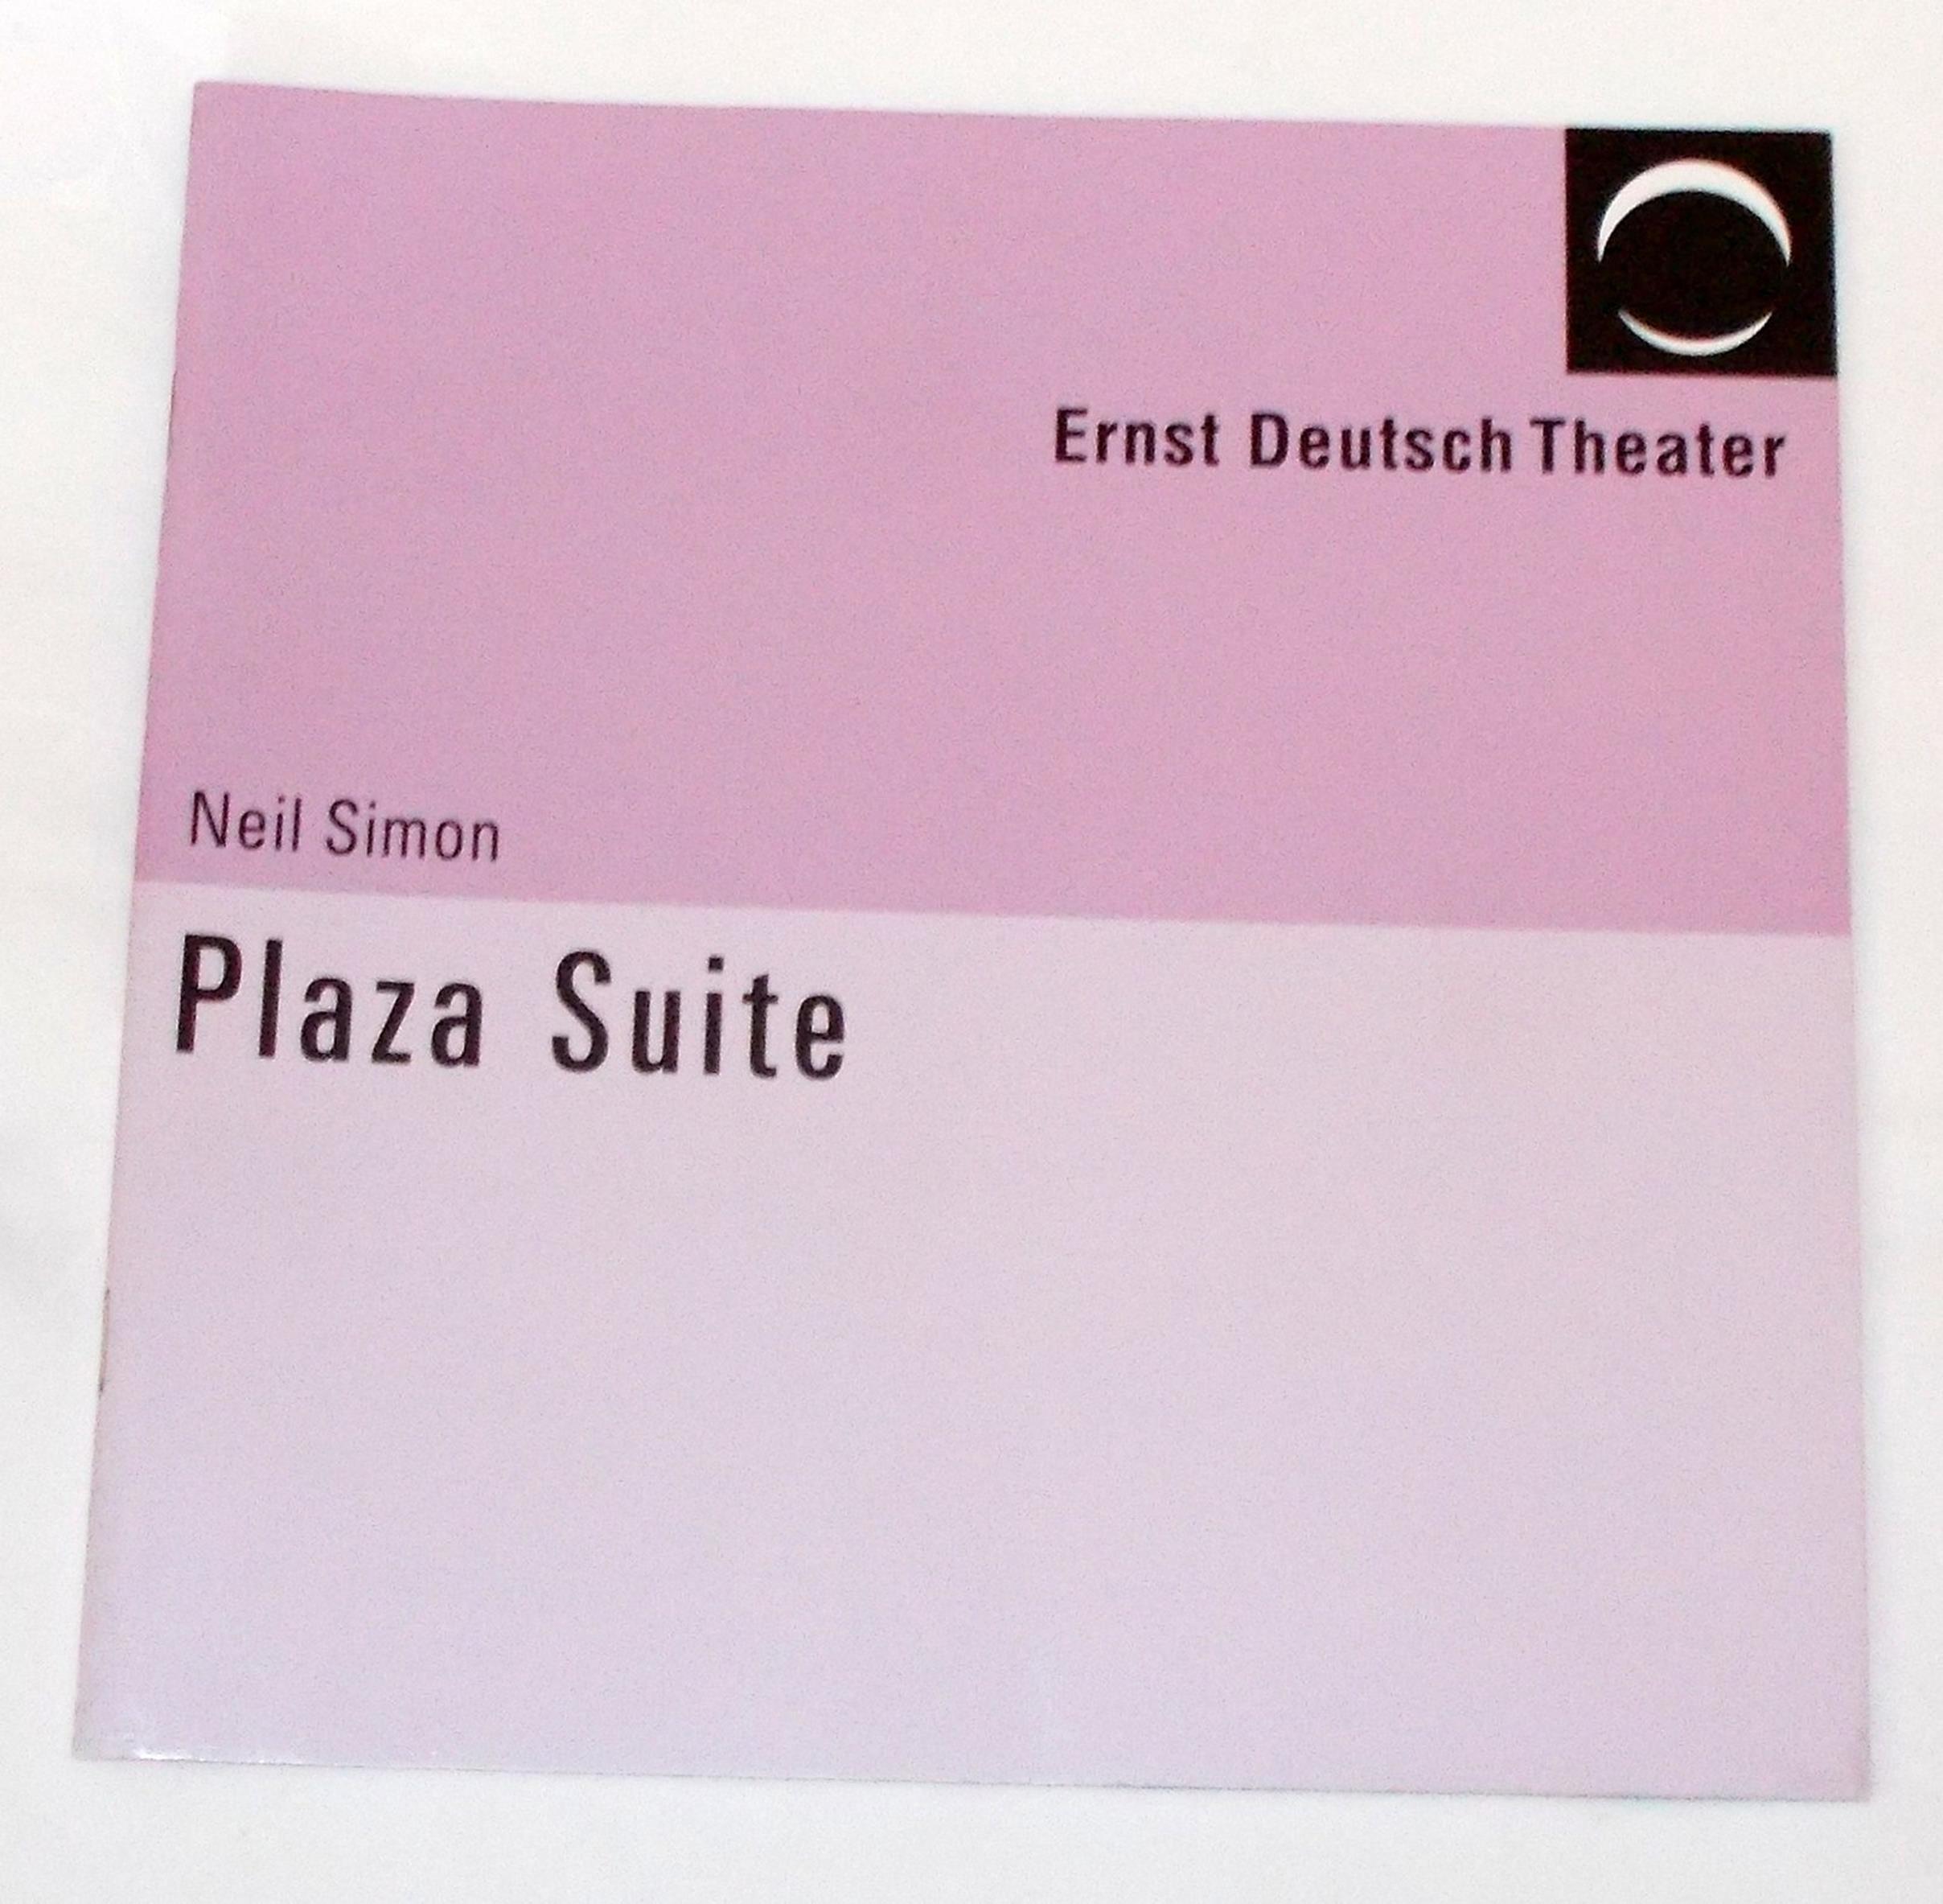 Programmheft Plaza Suite von Neil Simon. Ernst Deutsch Theater 2005